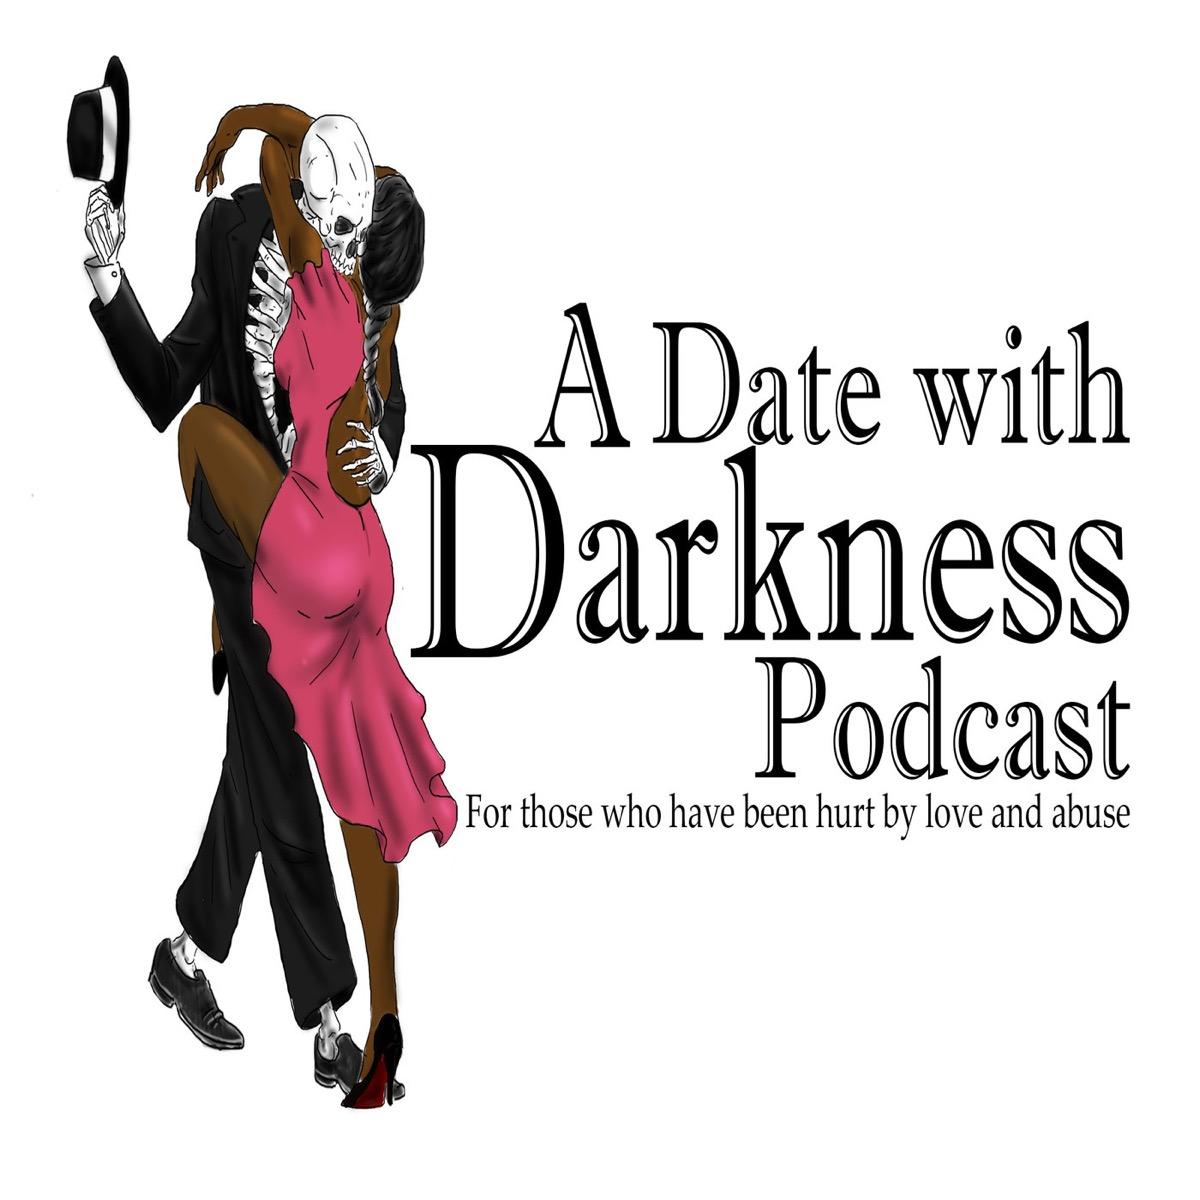 två narcissists datingdating råd för highschool studenter